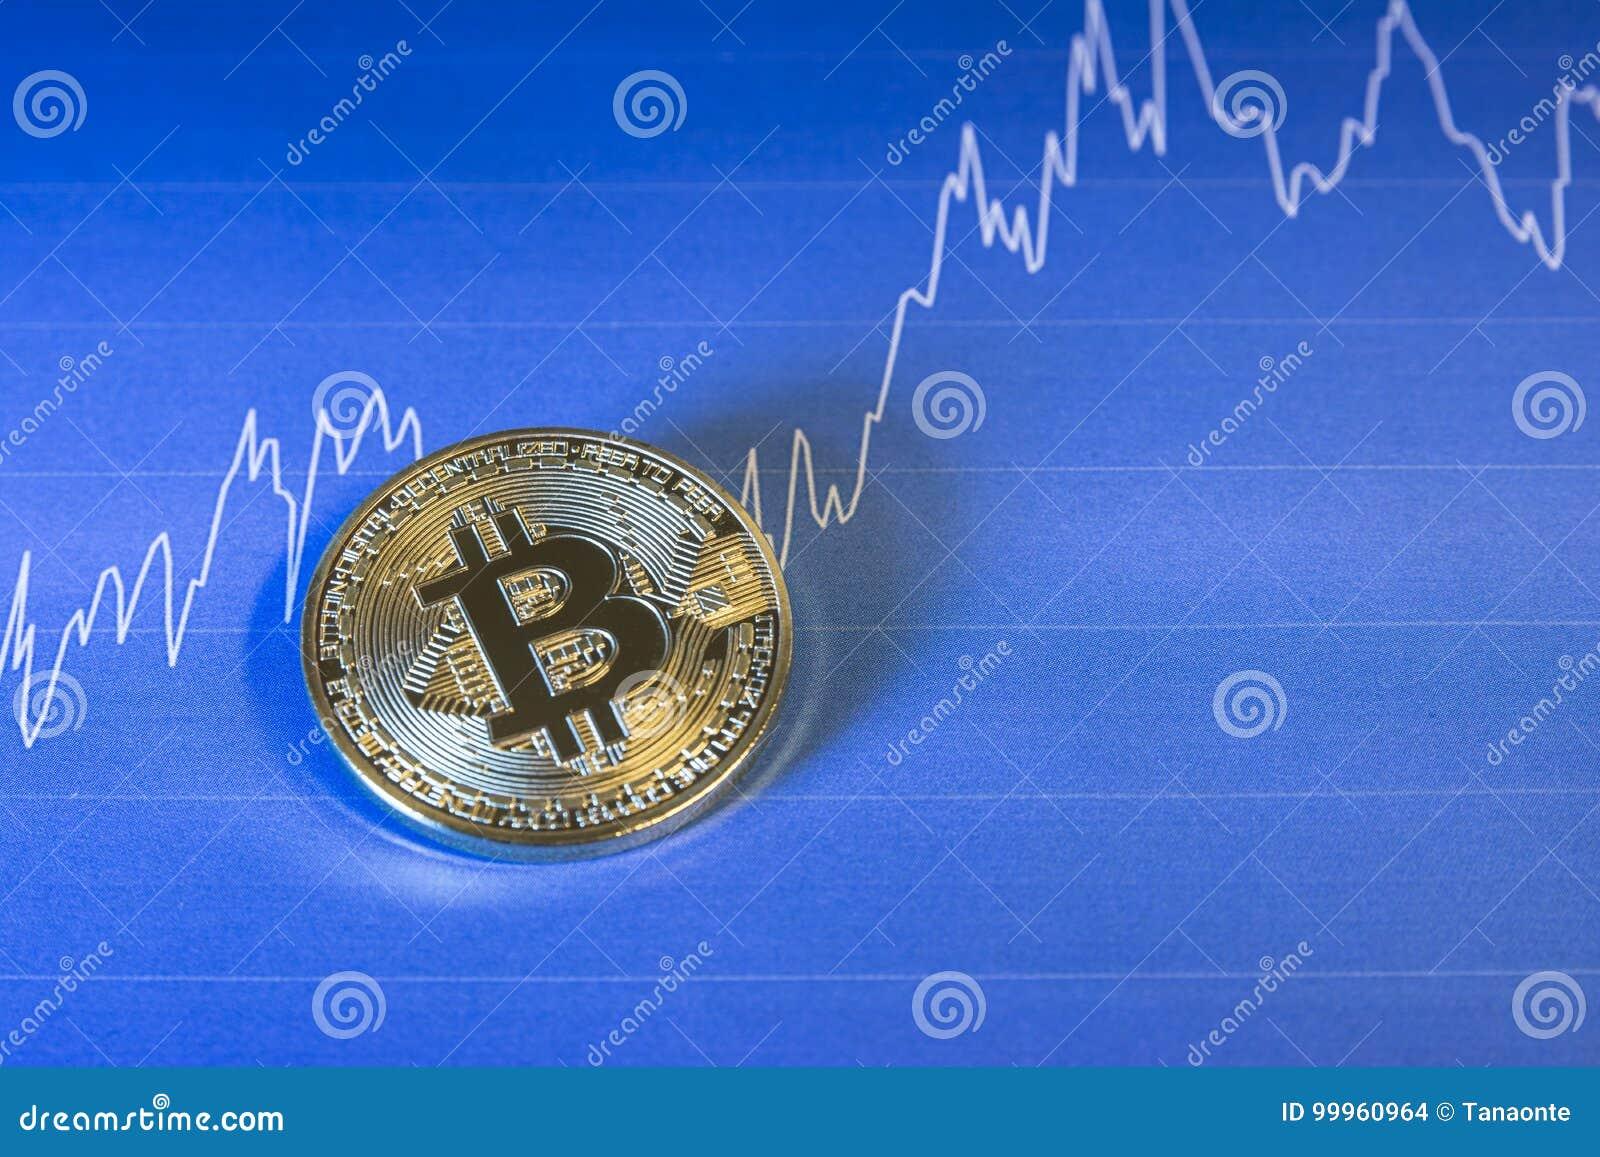 Finanzwachstumskonzept mit goldenem Bitcoins auf Diagrammhintergrund